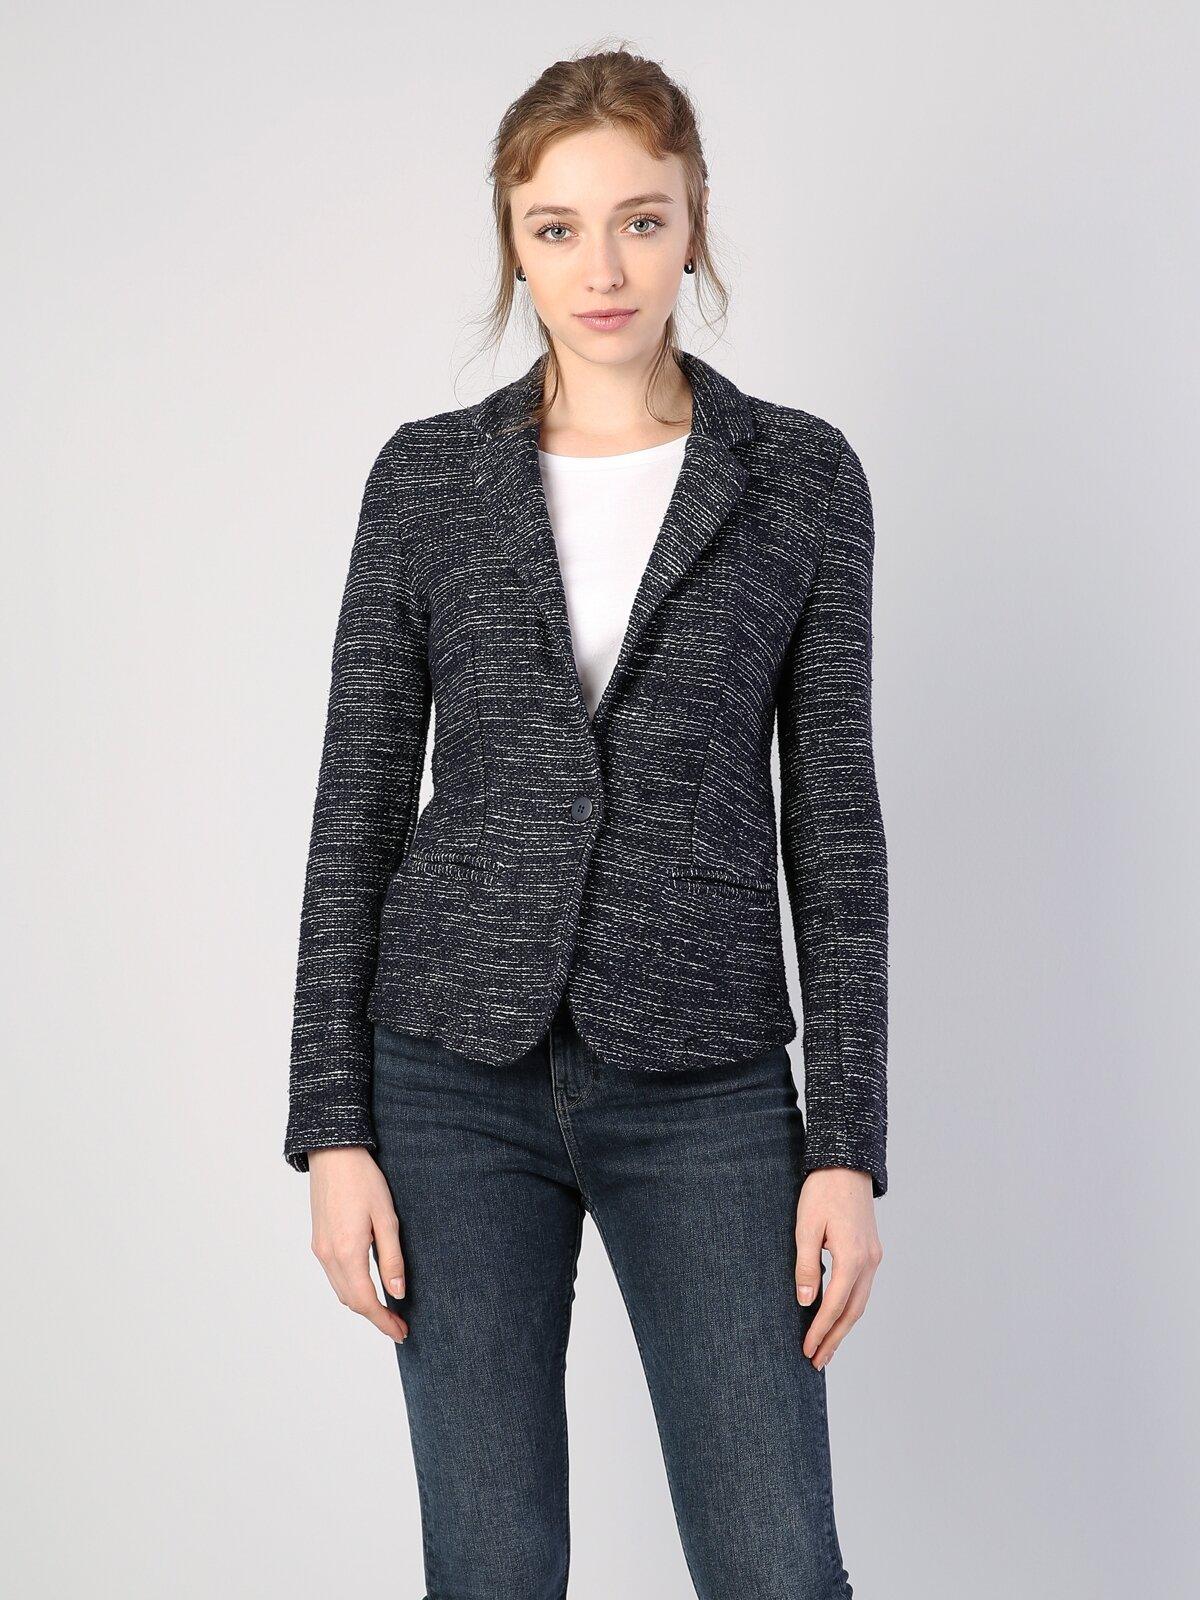 Slim Fitkadın Ceket